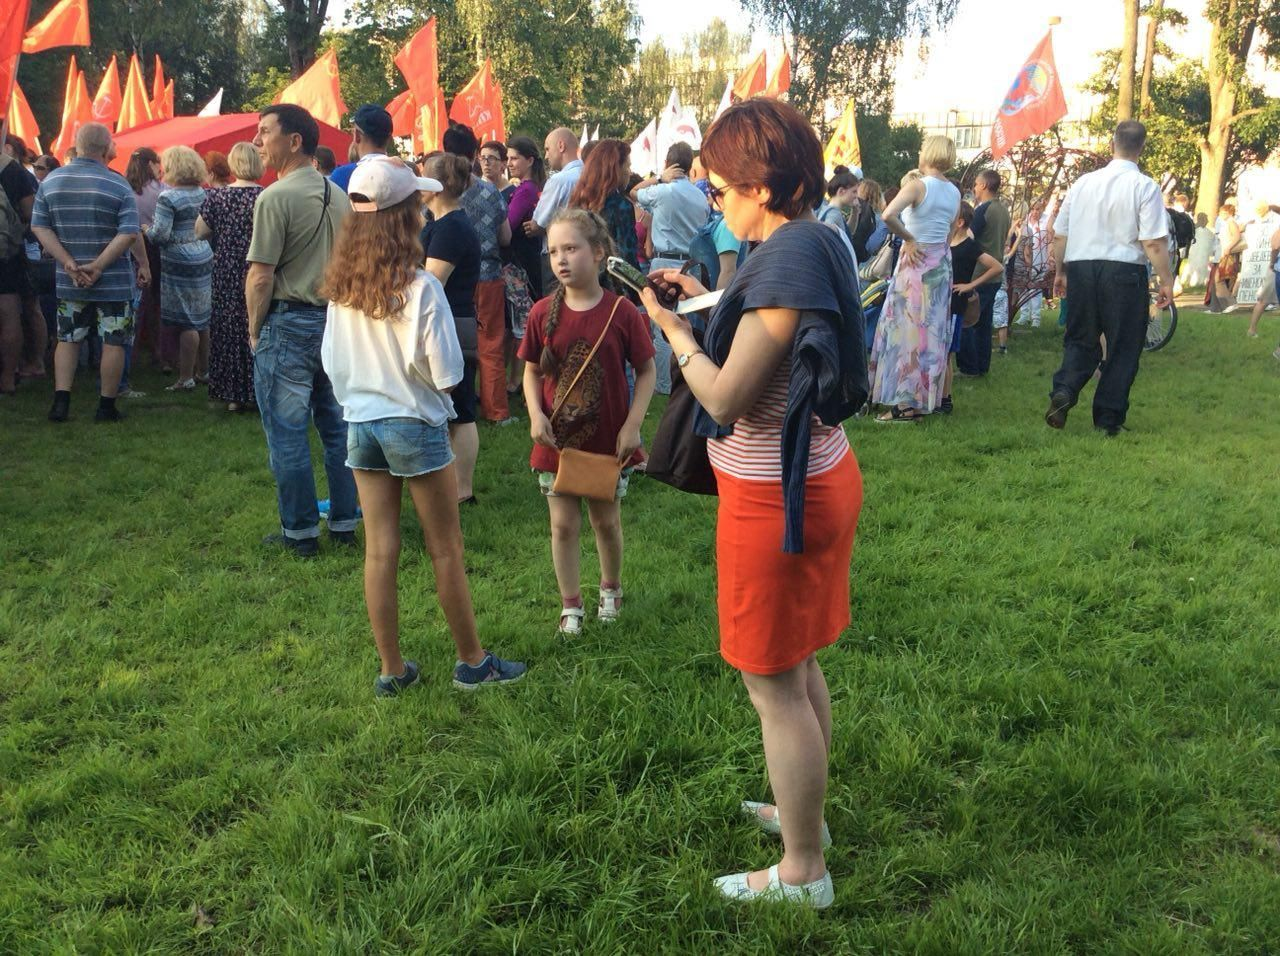 Старость неврадость: вВоронеже прошли два митинга против пенсионной реформы